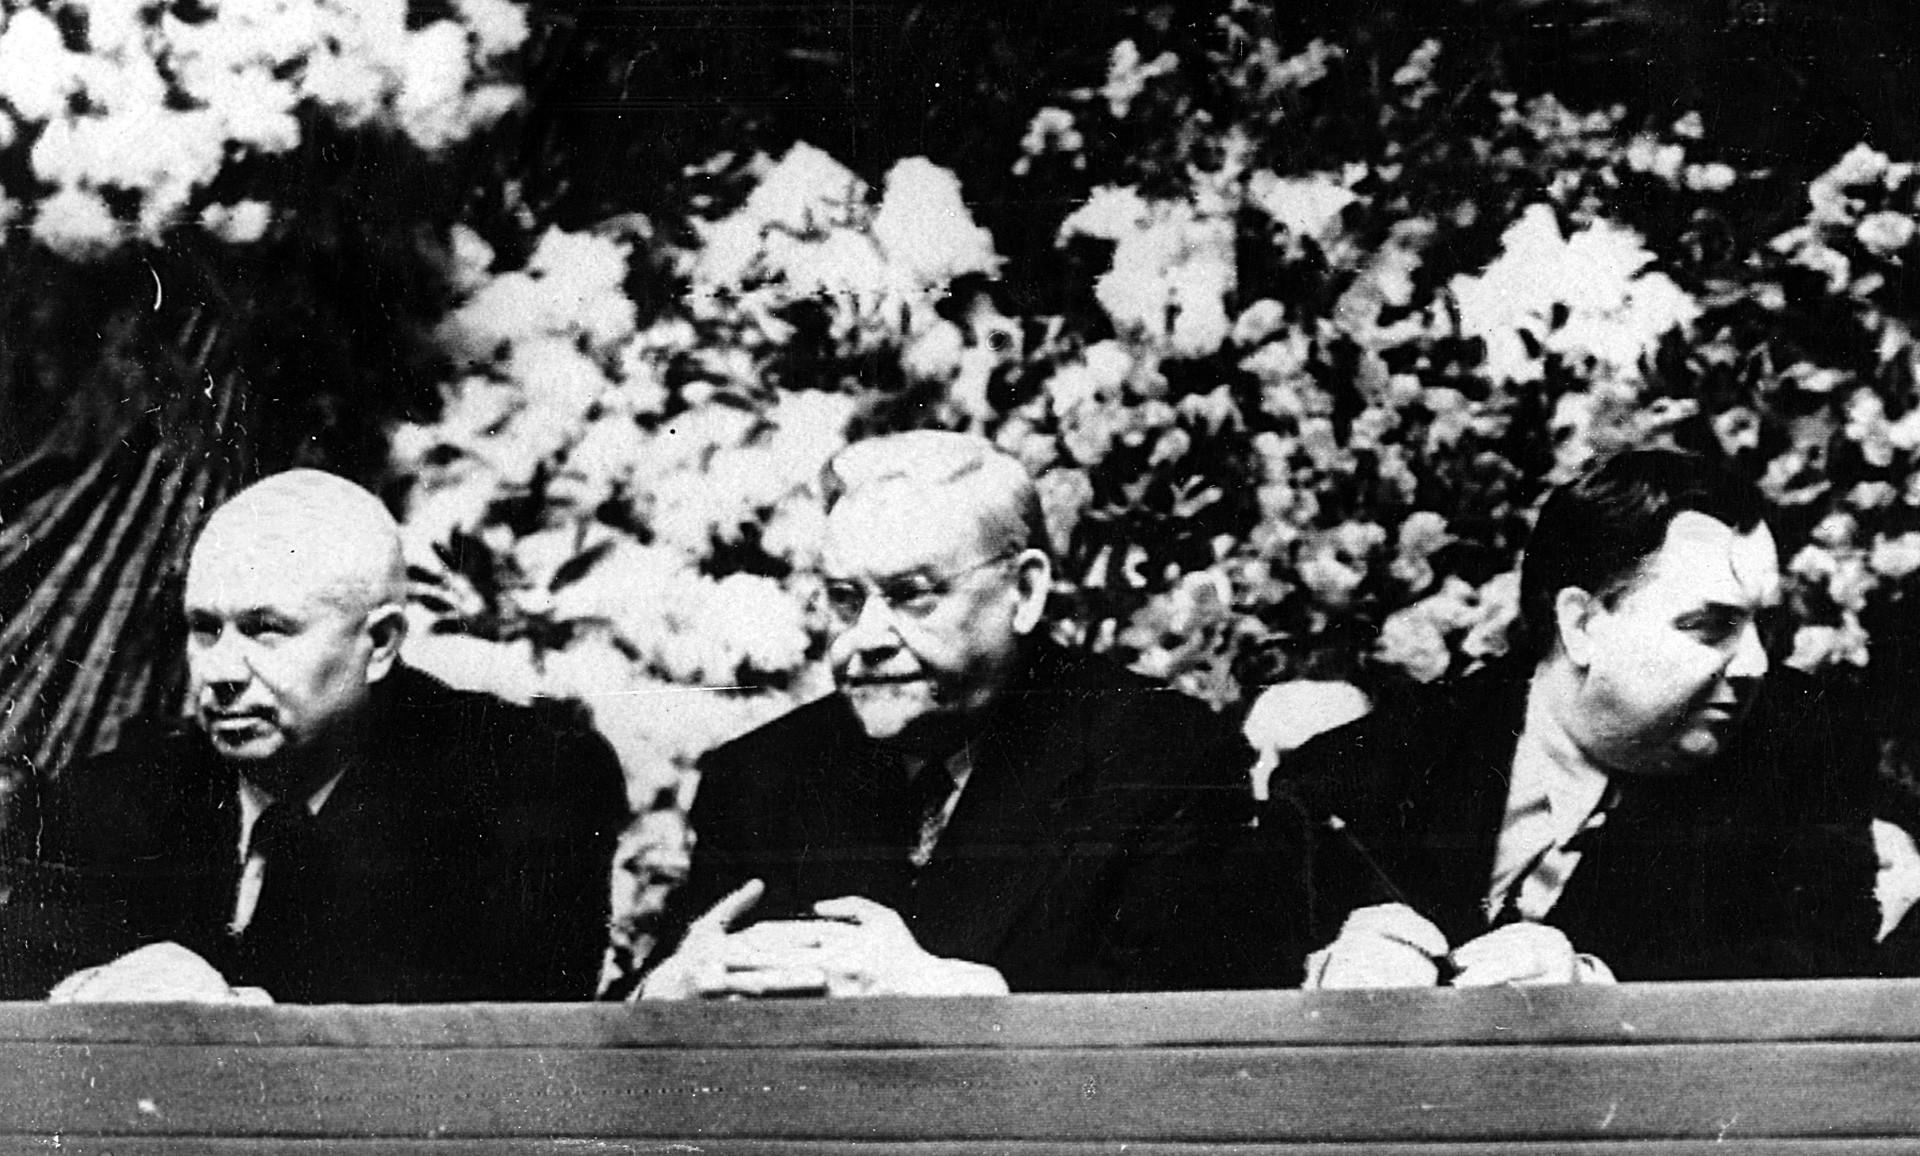 Совјетски политичари Никита Хрушчов, Николај Булгањин и Георгиј Максимилијанович Маленков.